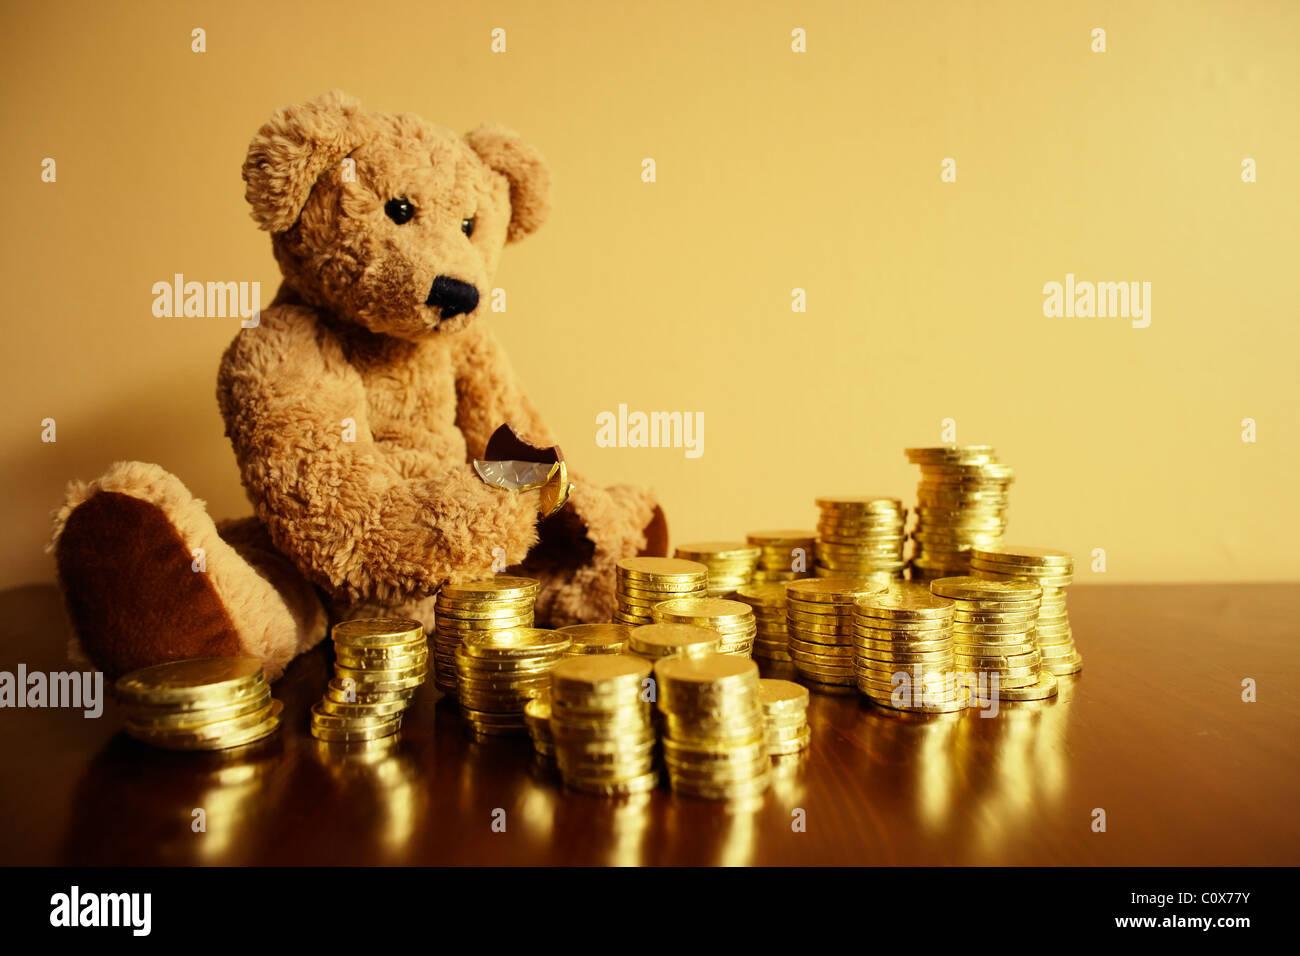 Ted se introduce en su chocolate monedas de oro de inversión. Imagen De Stock